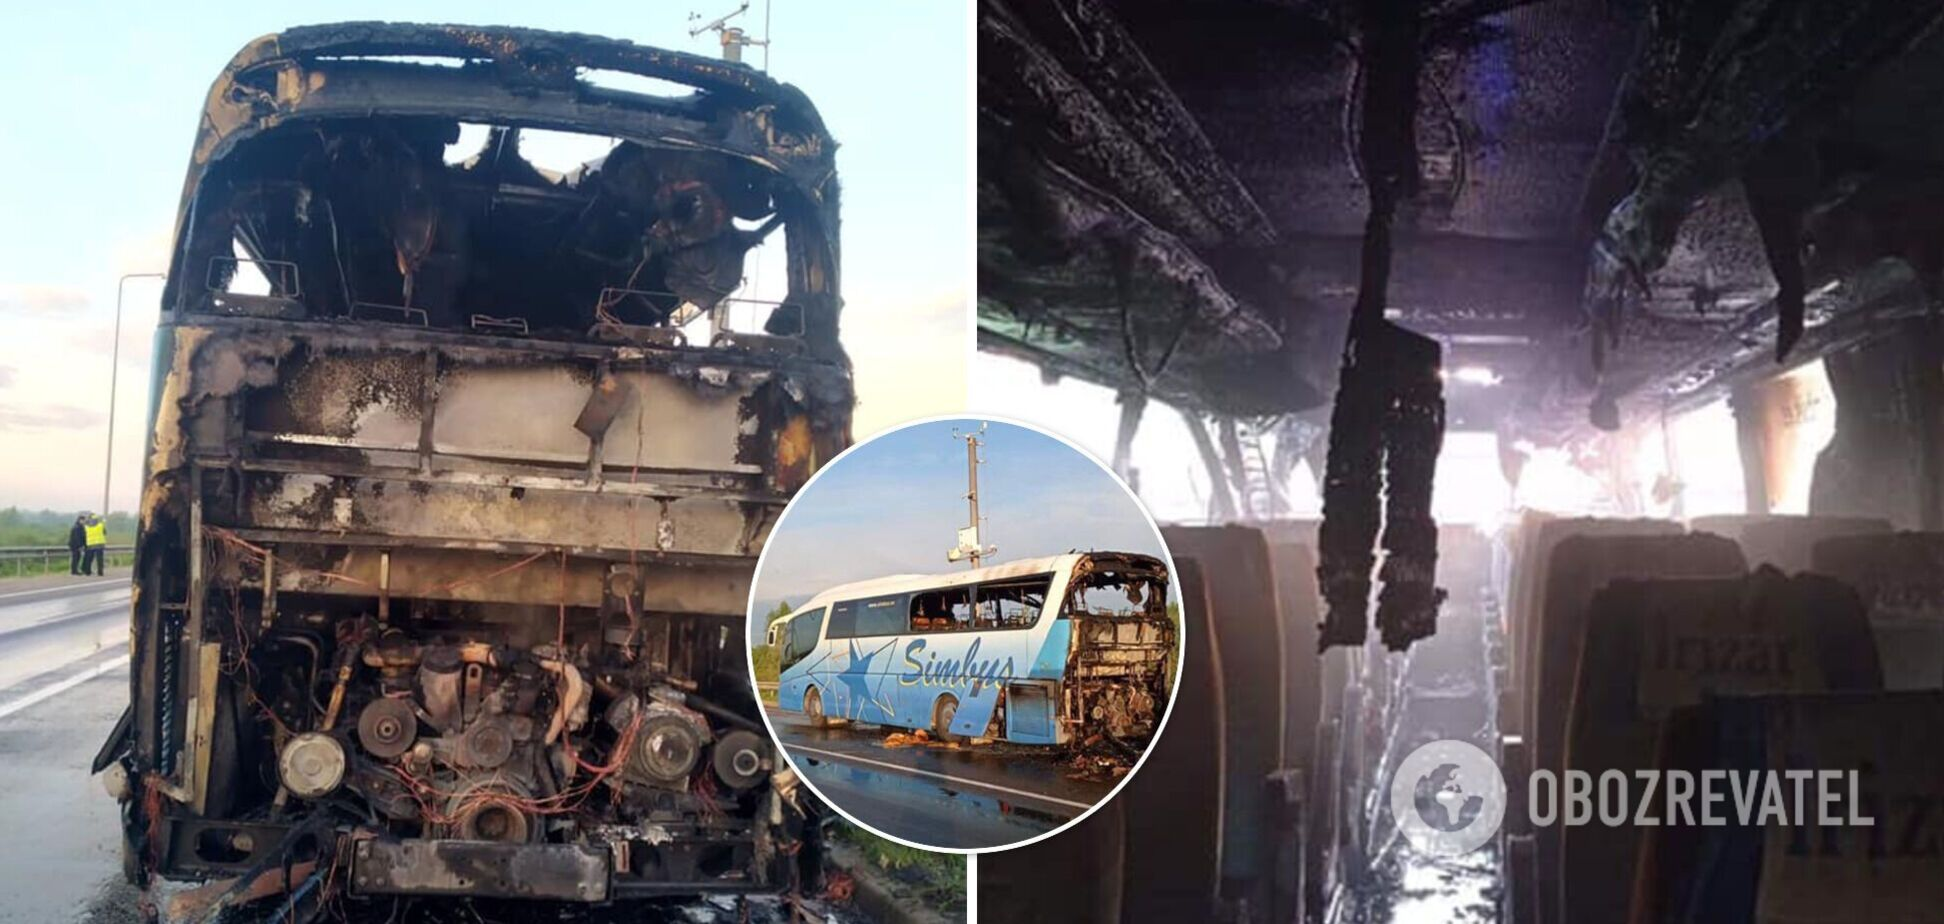 На Львівщині згорів рейсовий автобус, який перевозив пасажирів. Фото